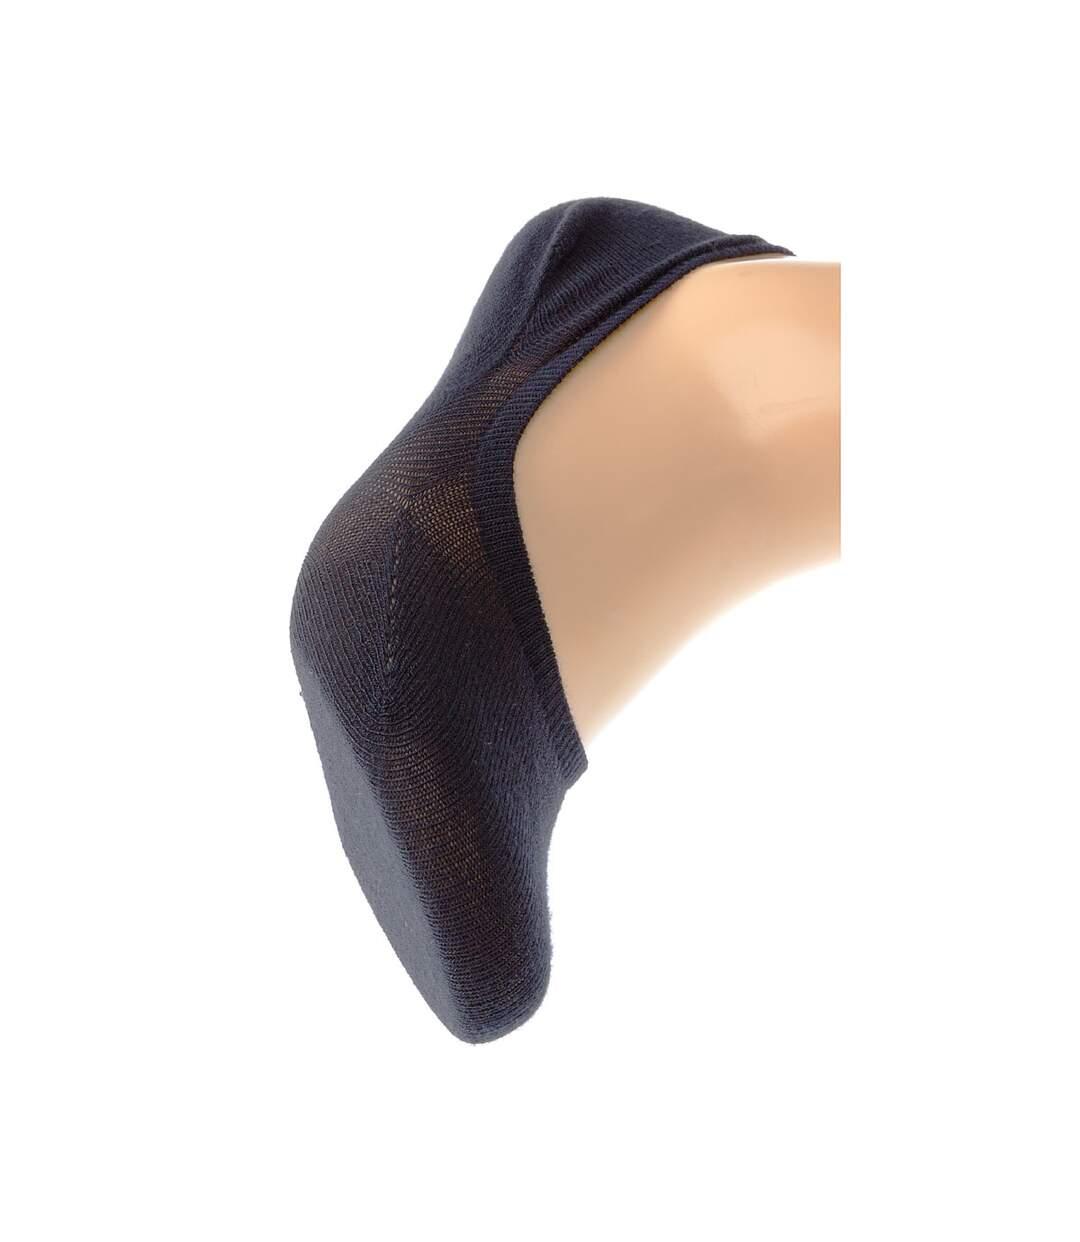 Dégagement Chaussette Protège-pieds 1 paire Sans bouclette Fine Coolmax Bleu marine Protège-bas uni coolmax dsf.d455nksdKLFHG